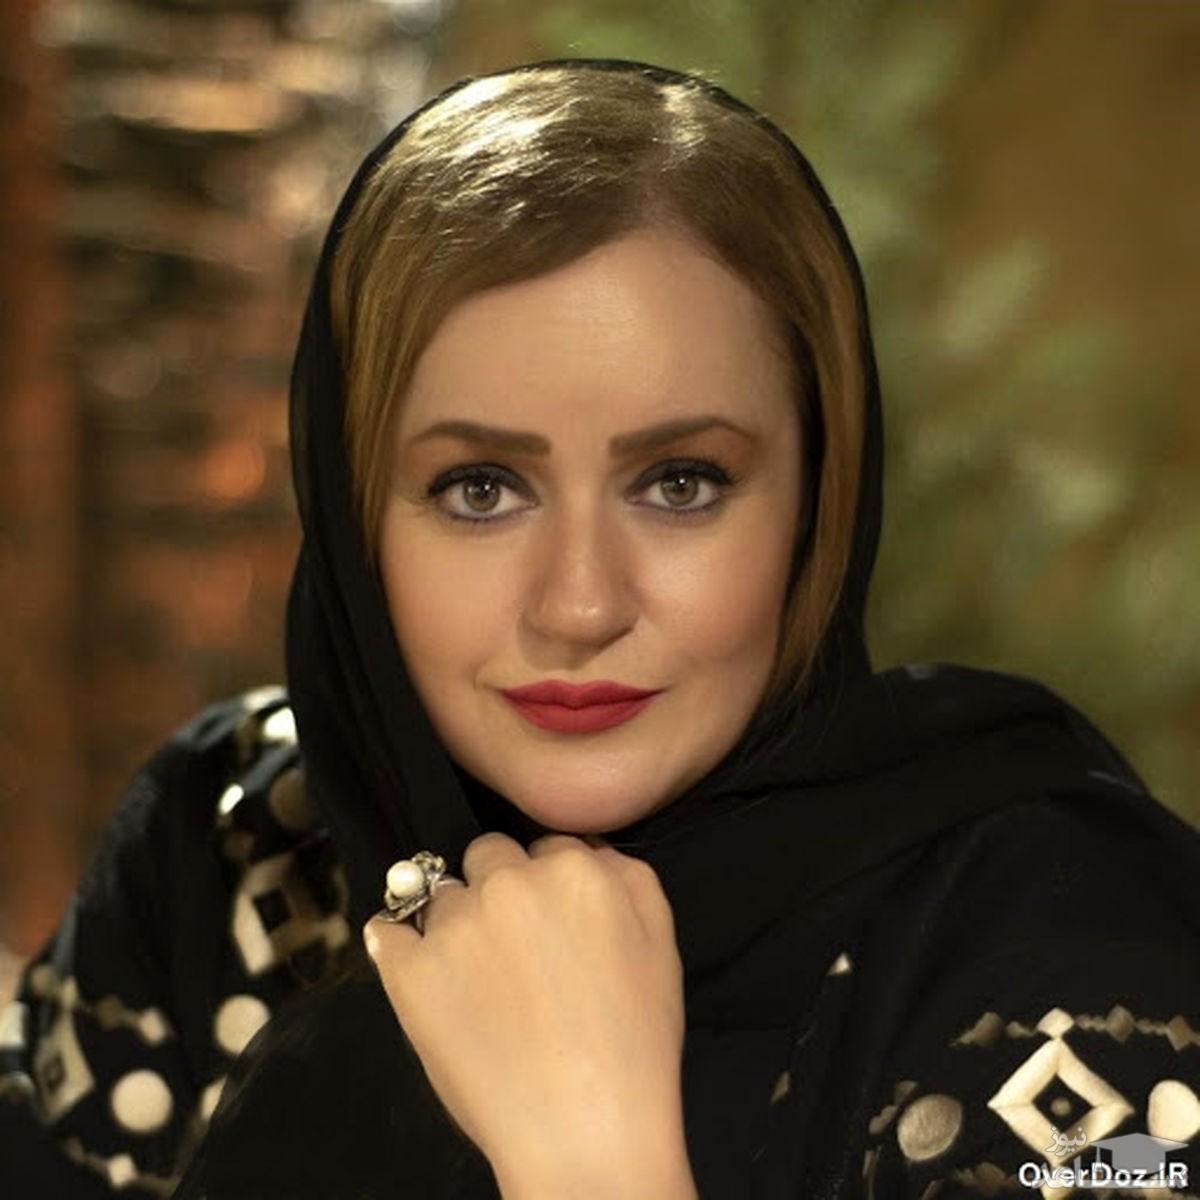 عکس آتلیه ای نعیمه نظام دوست با میکاپ زیبا